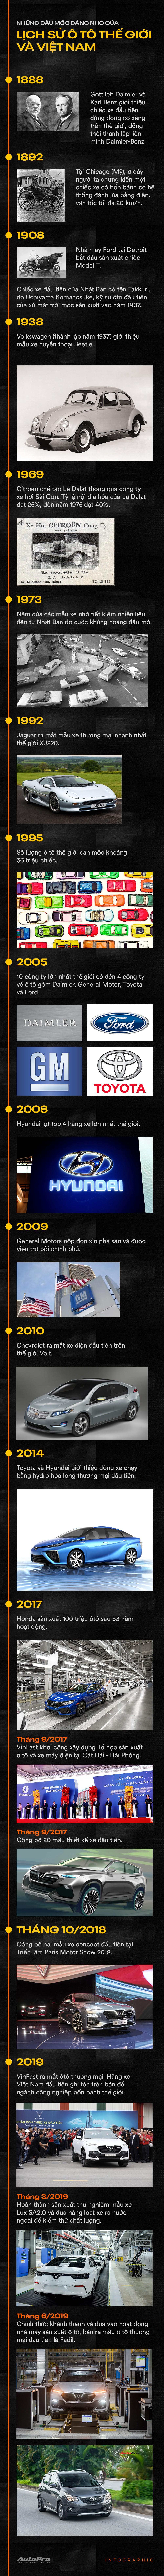 VinFast chính thức viết tên mình vào lịch sử ngành công nghiệp ô tô thế giới - Ảnh 1.